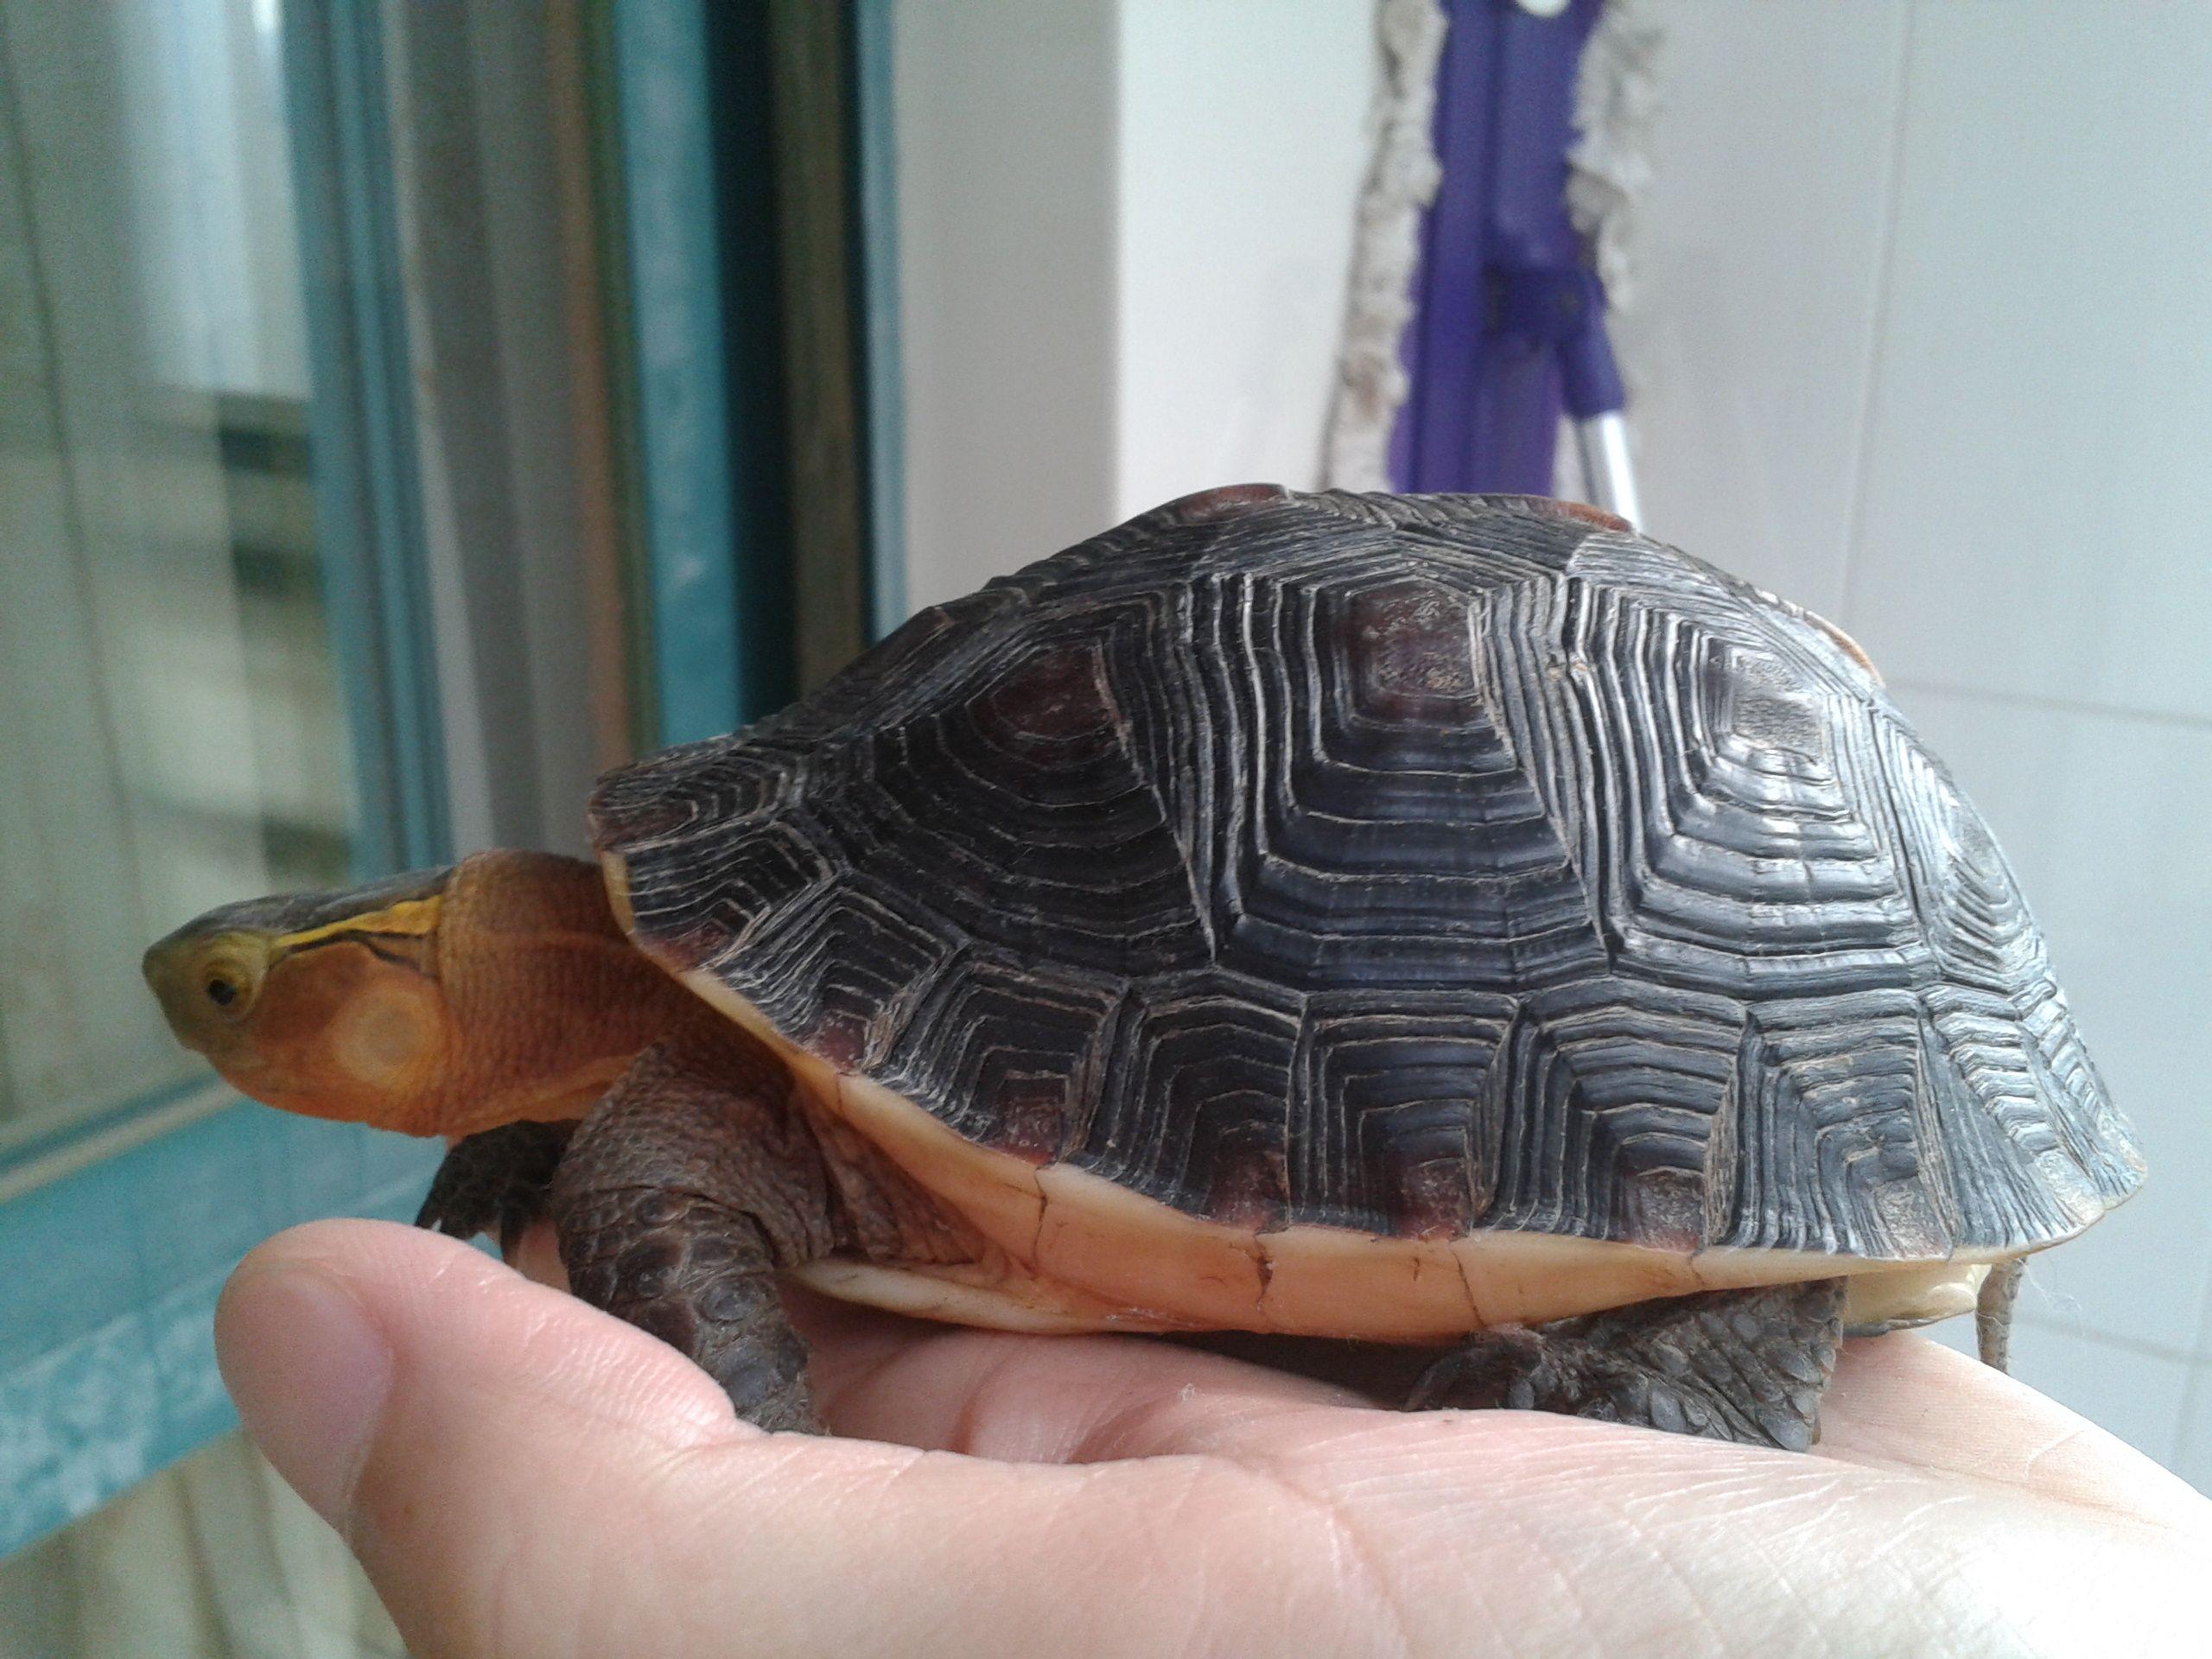 黄缘_转让一对黄缘种龟